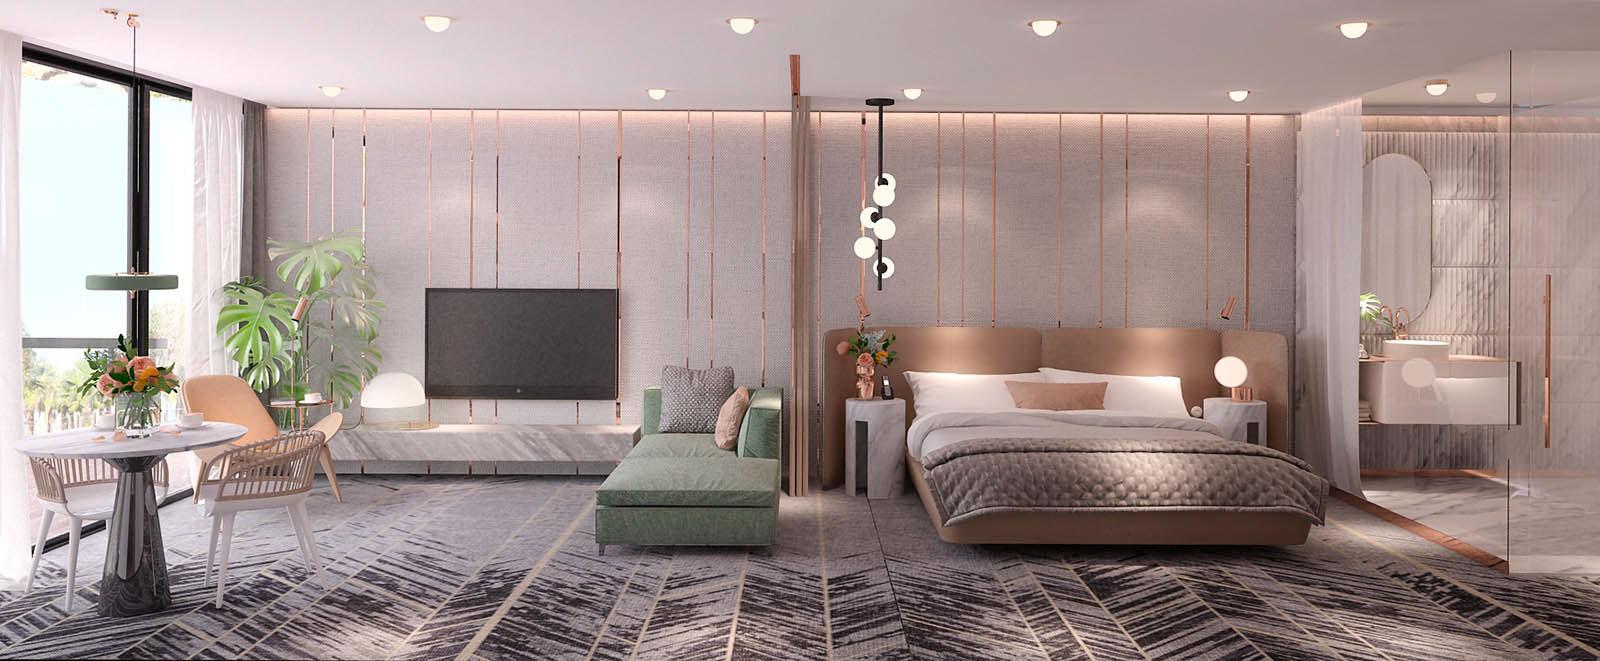 lounge slaapkamer combinatie